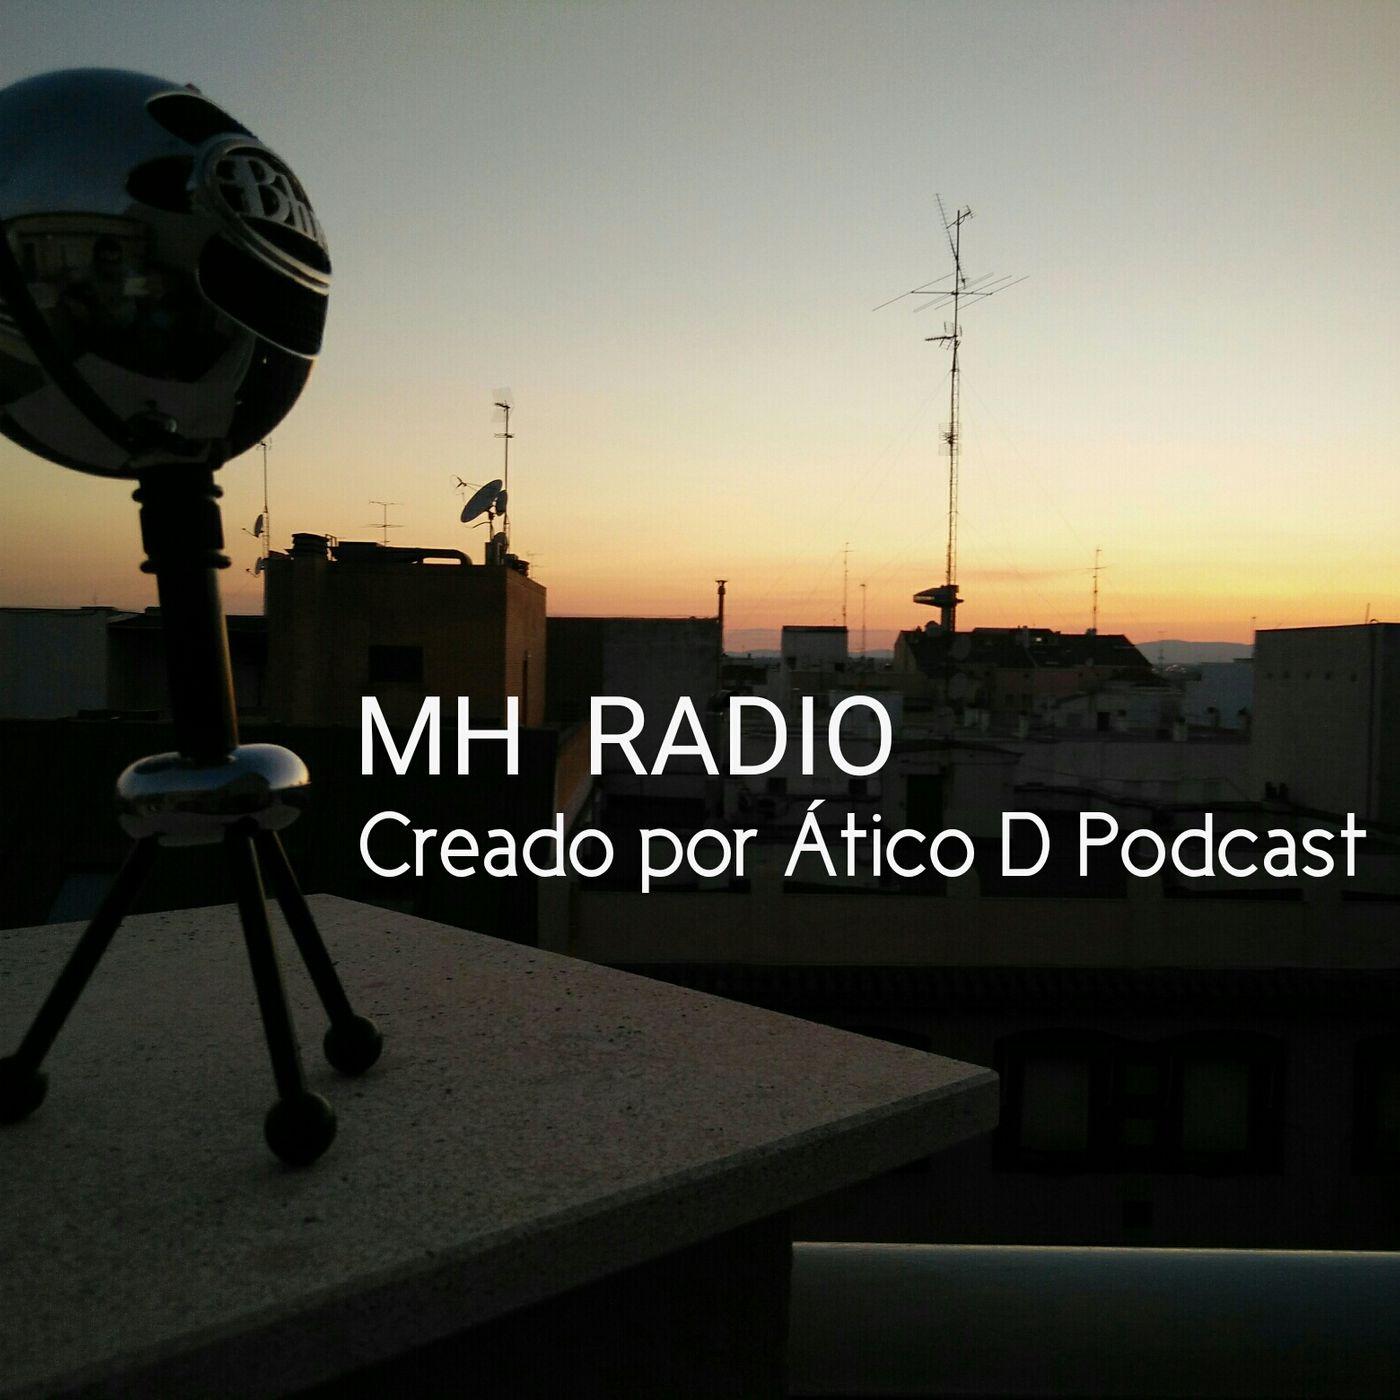 Logo de MH RADIO. Noticias que nadie te cuenta.